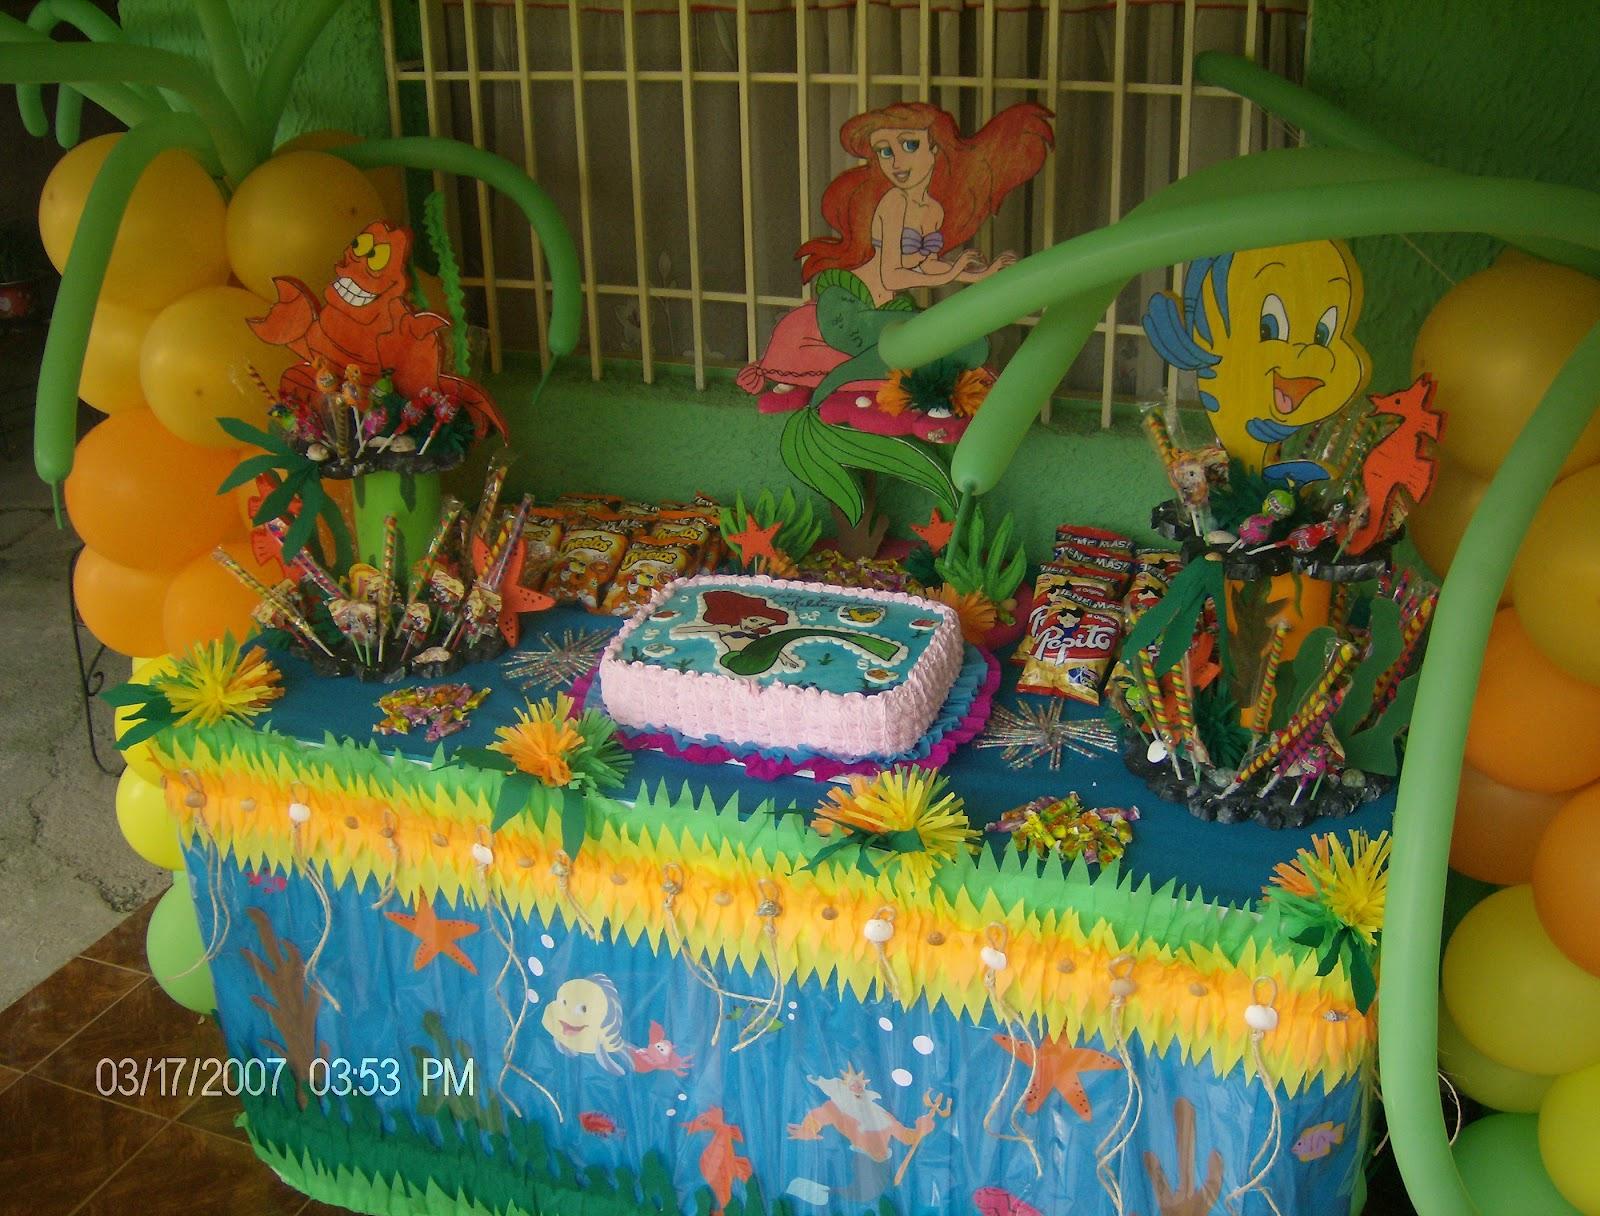 Decoraciones infantiles flores y mariposas fiestas infantiles for Decoraciones infantiles